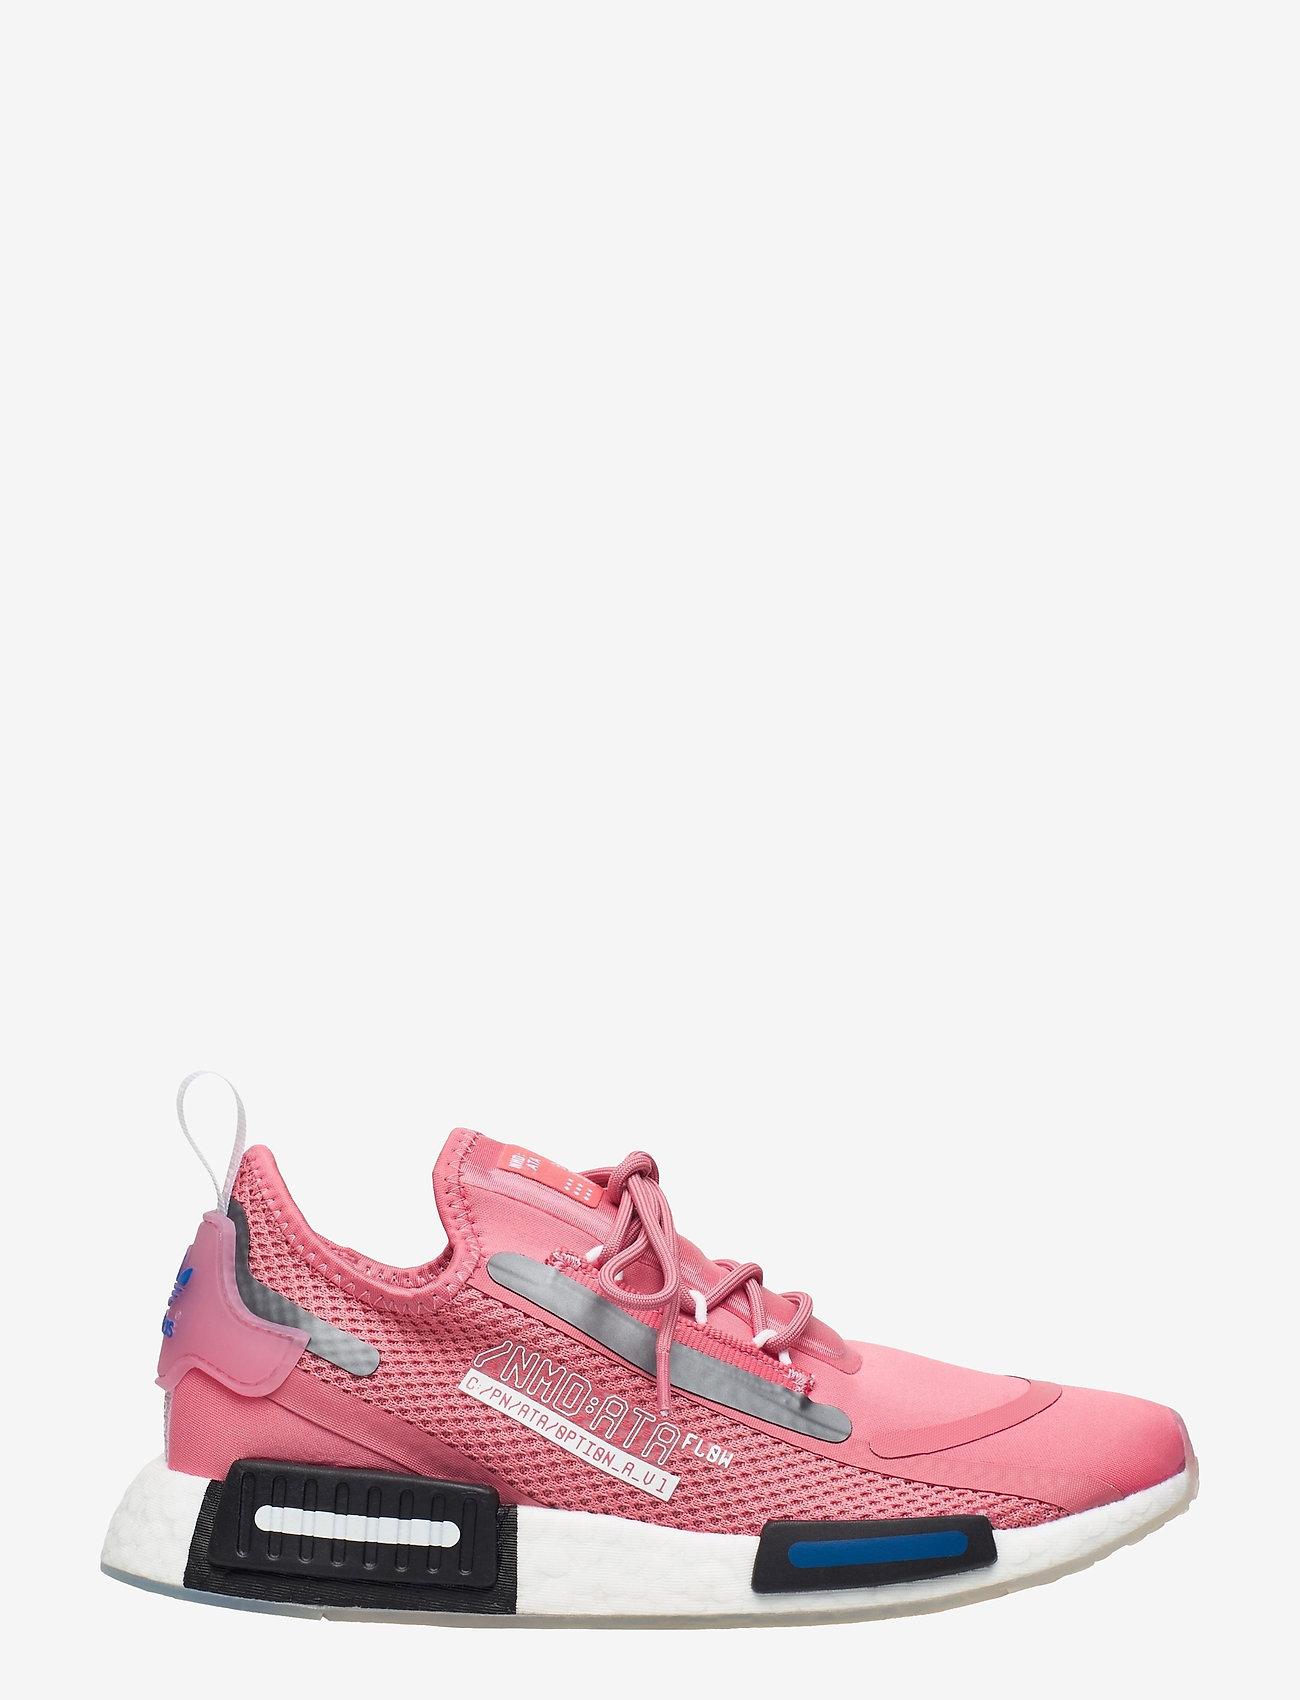 adidas Originals - NMD_R1 SPECTOO W - sneakers - hazros/hazros/cblack - 1